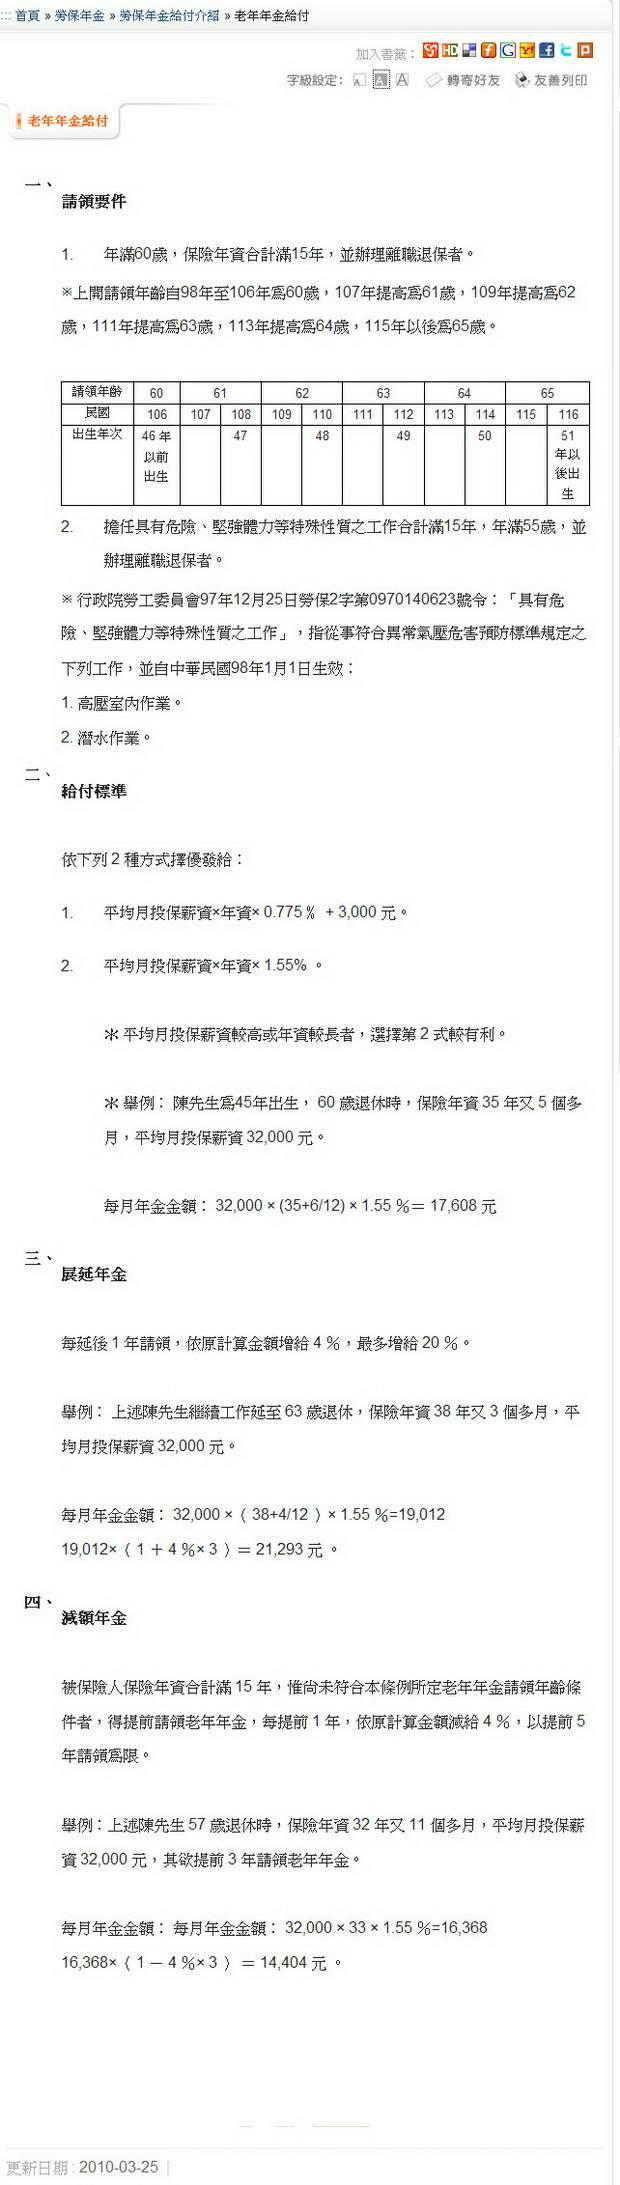 老年年金給付-2010.03.25